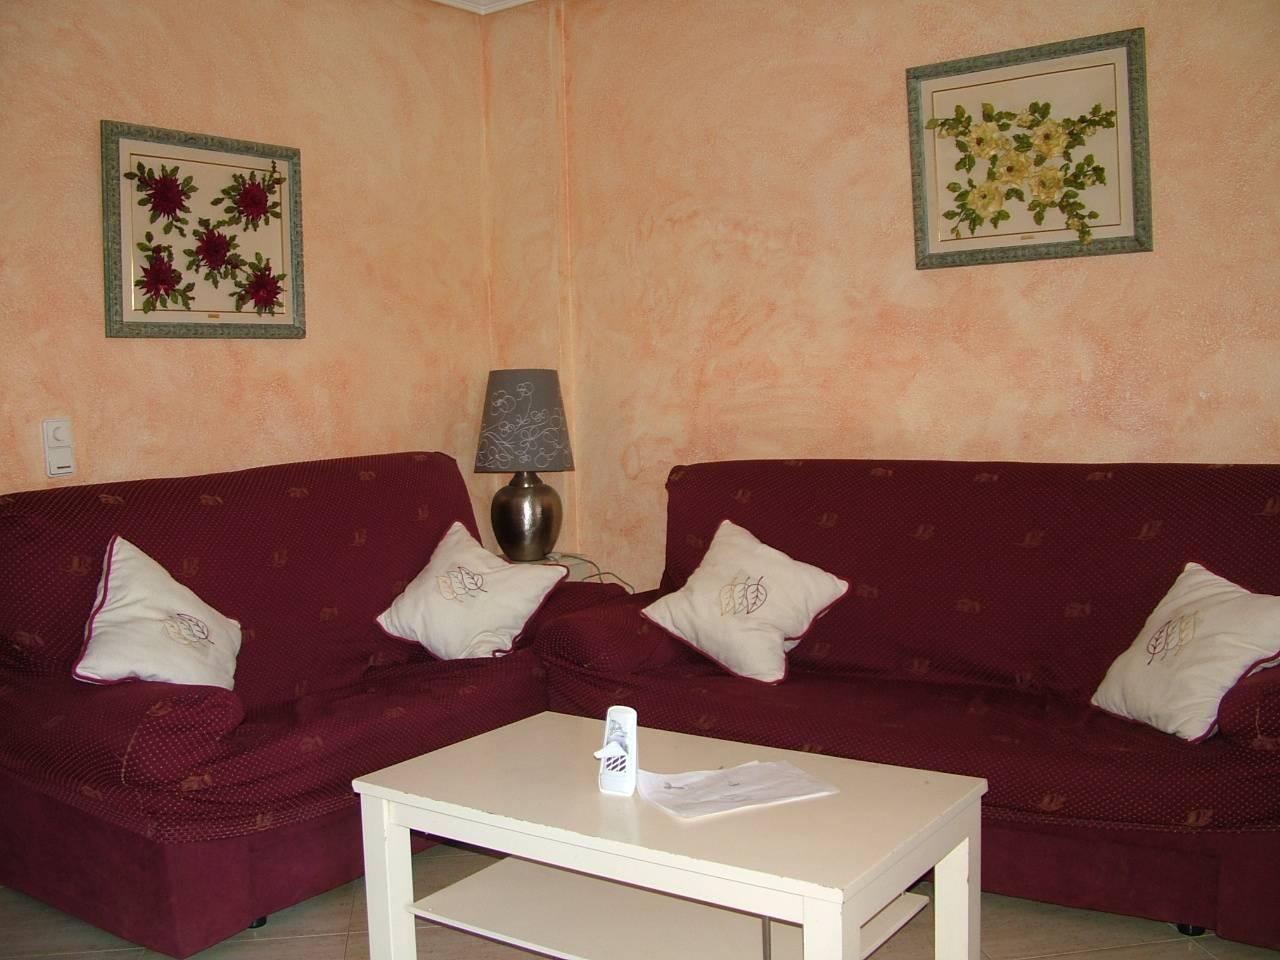 Inmobiliaria Gessicon Piso En Venta En Bigastro Por 62 000 01971 # Muebles Bigastro